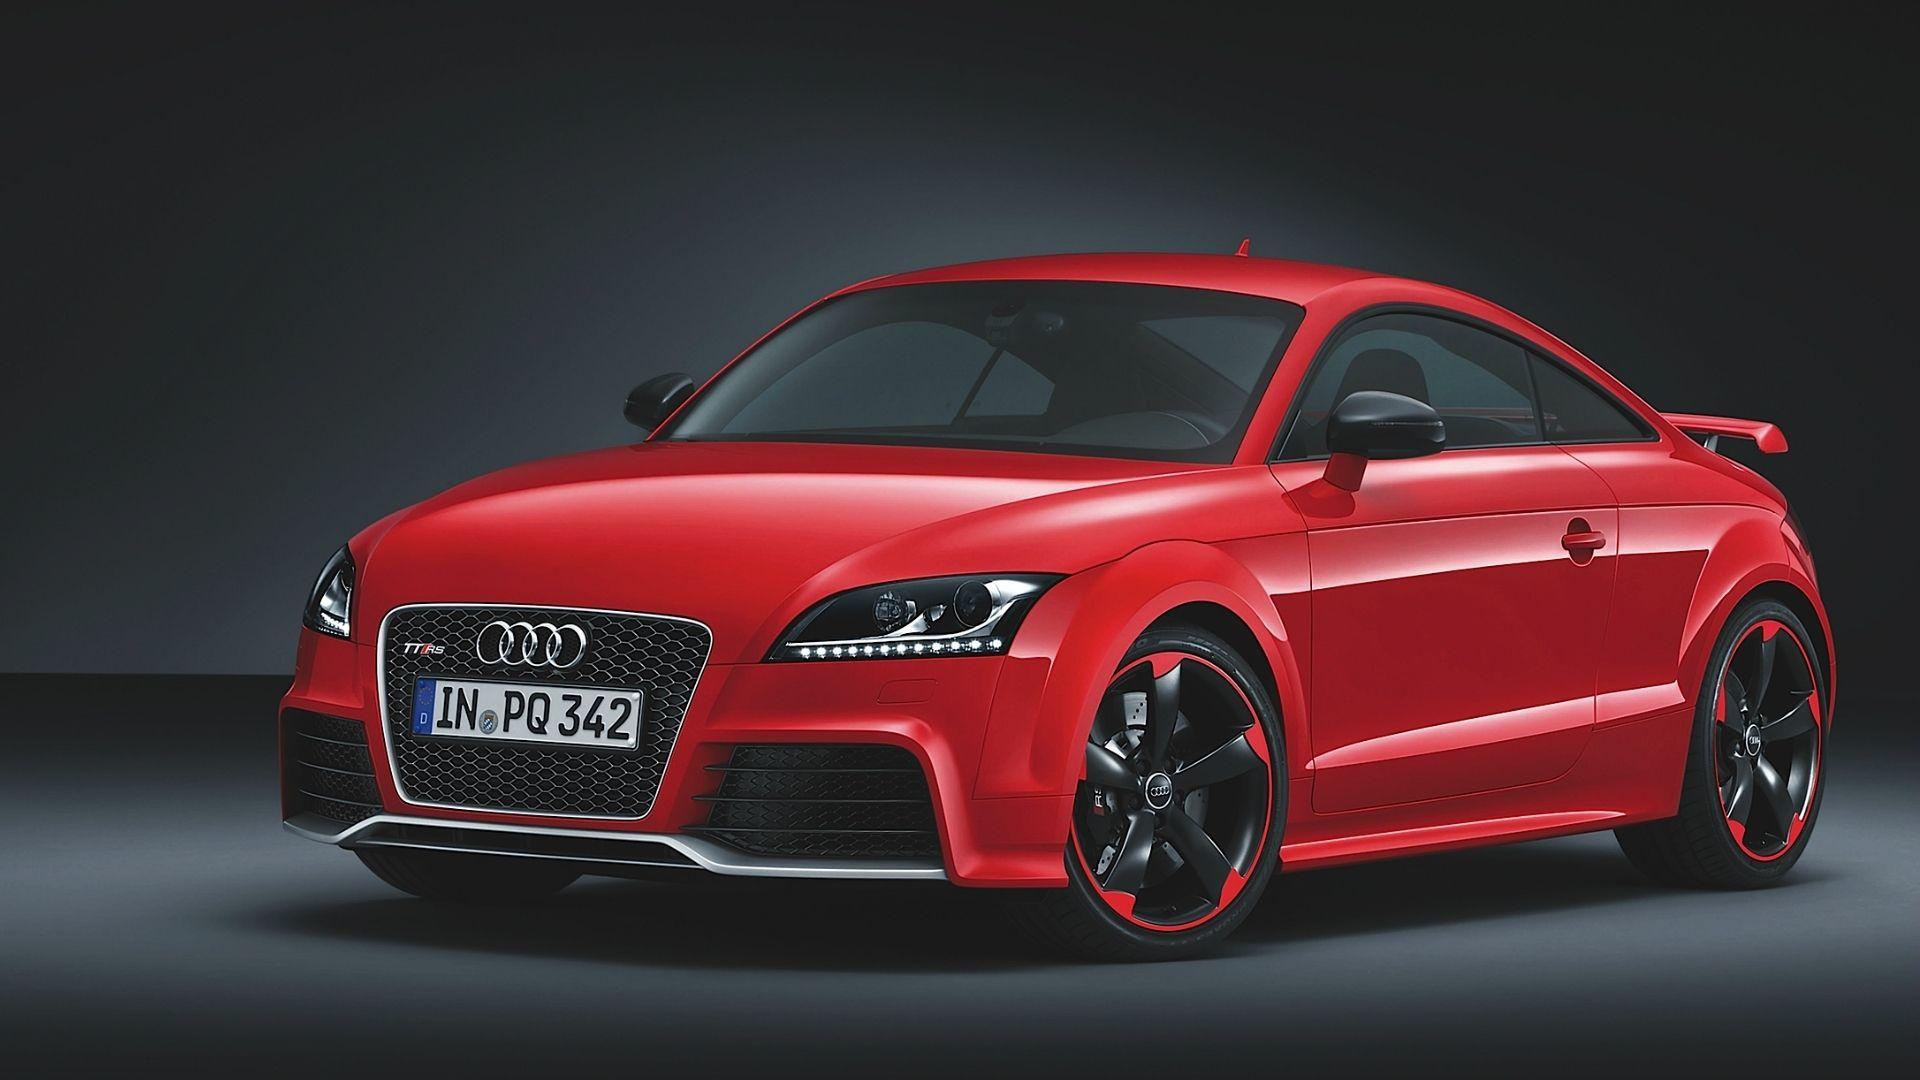 Audi-TT-1_20161228-1213